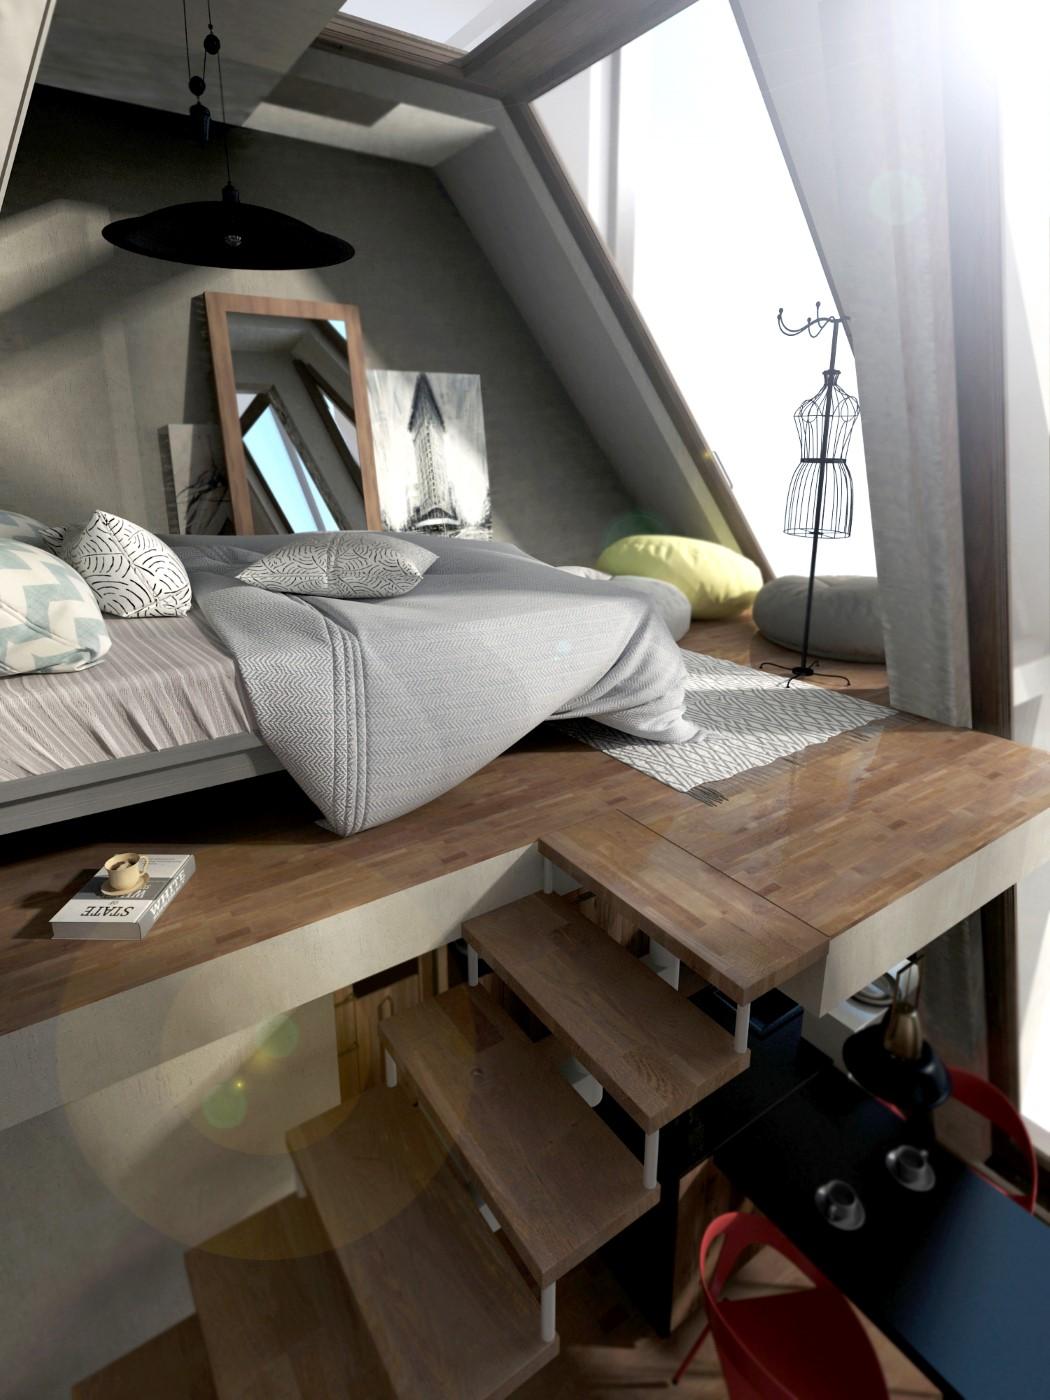 mobile_house_5.jpg